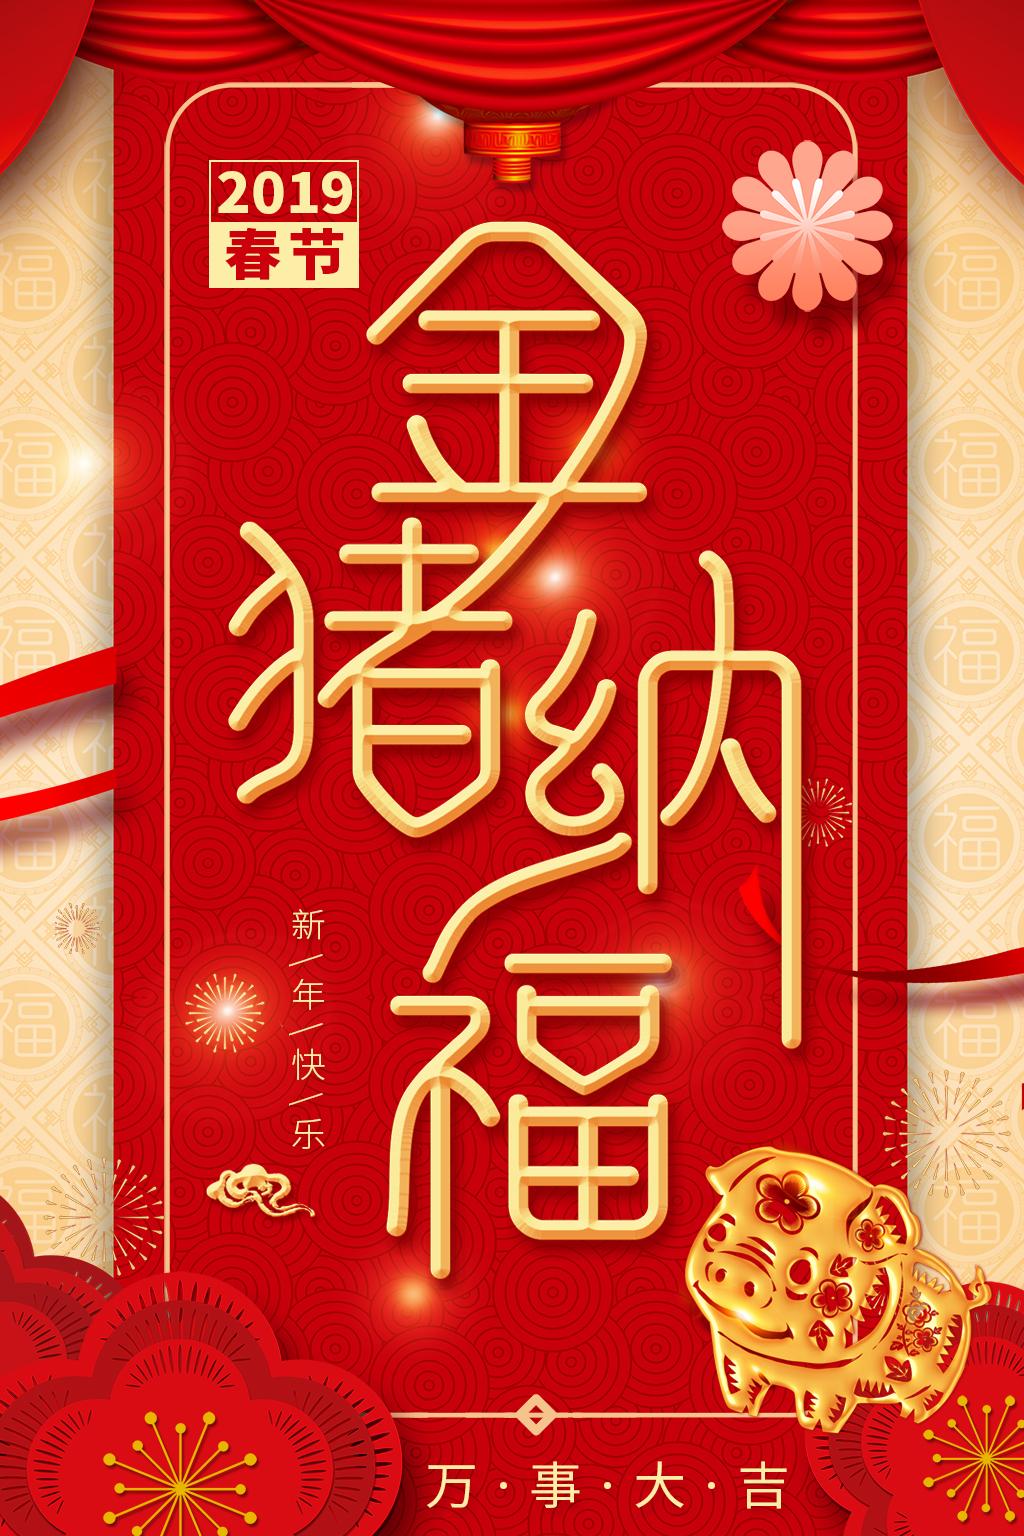 广州安心祝您2019年新春快乐!